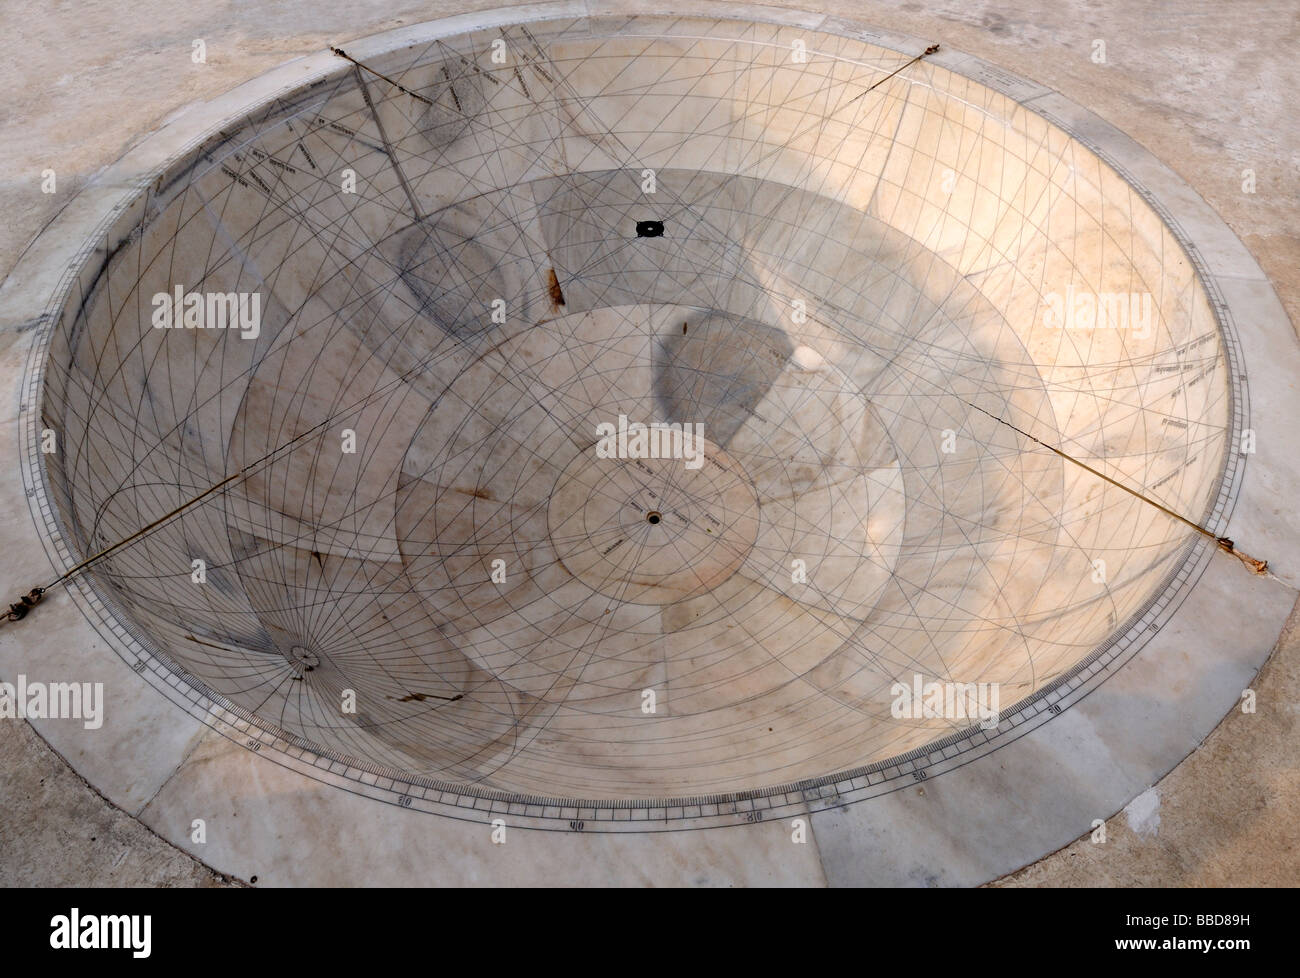 Strumento astronomico costruito dal Maharajah Jai Singh nel 1728 come parte del Jantar Mantar observatory. Immagini Stock